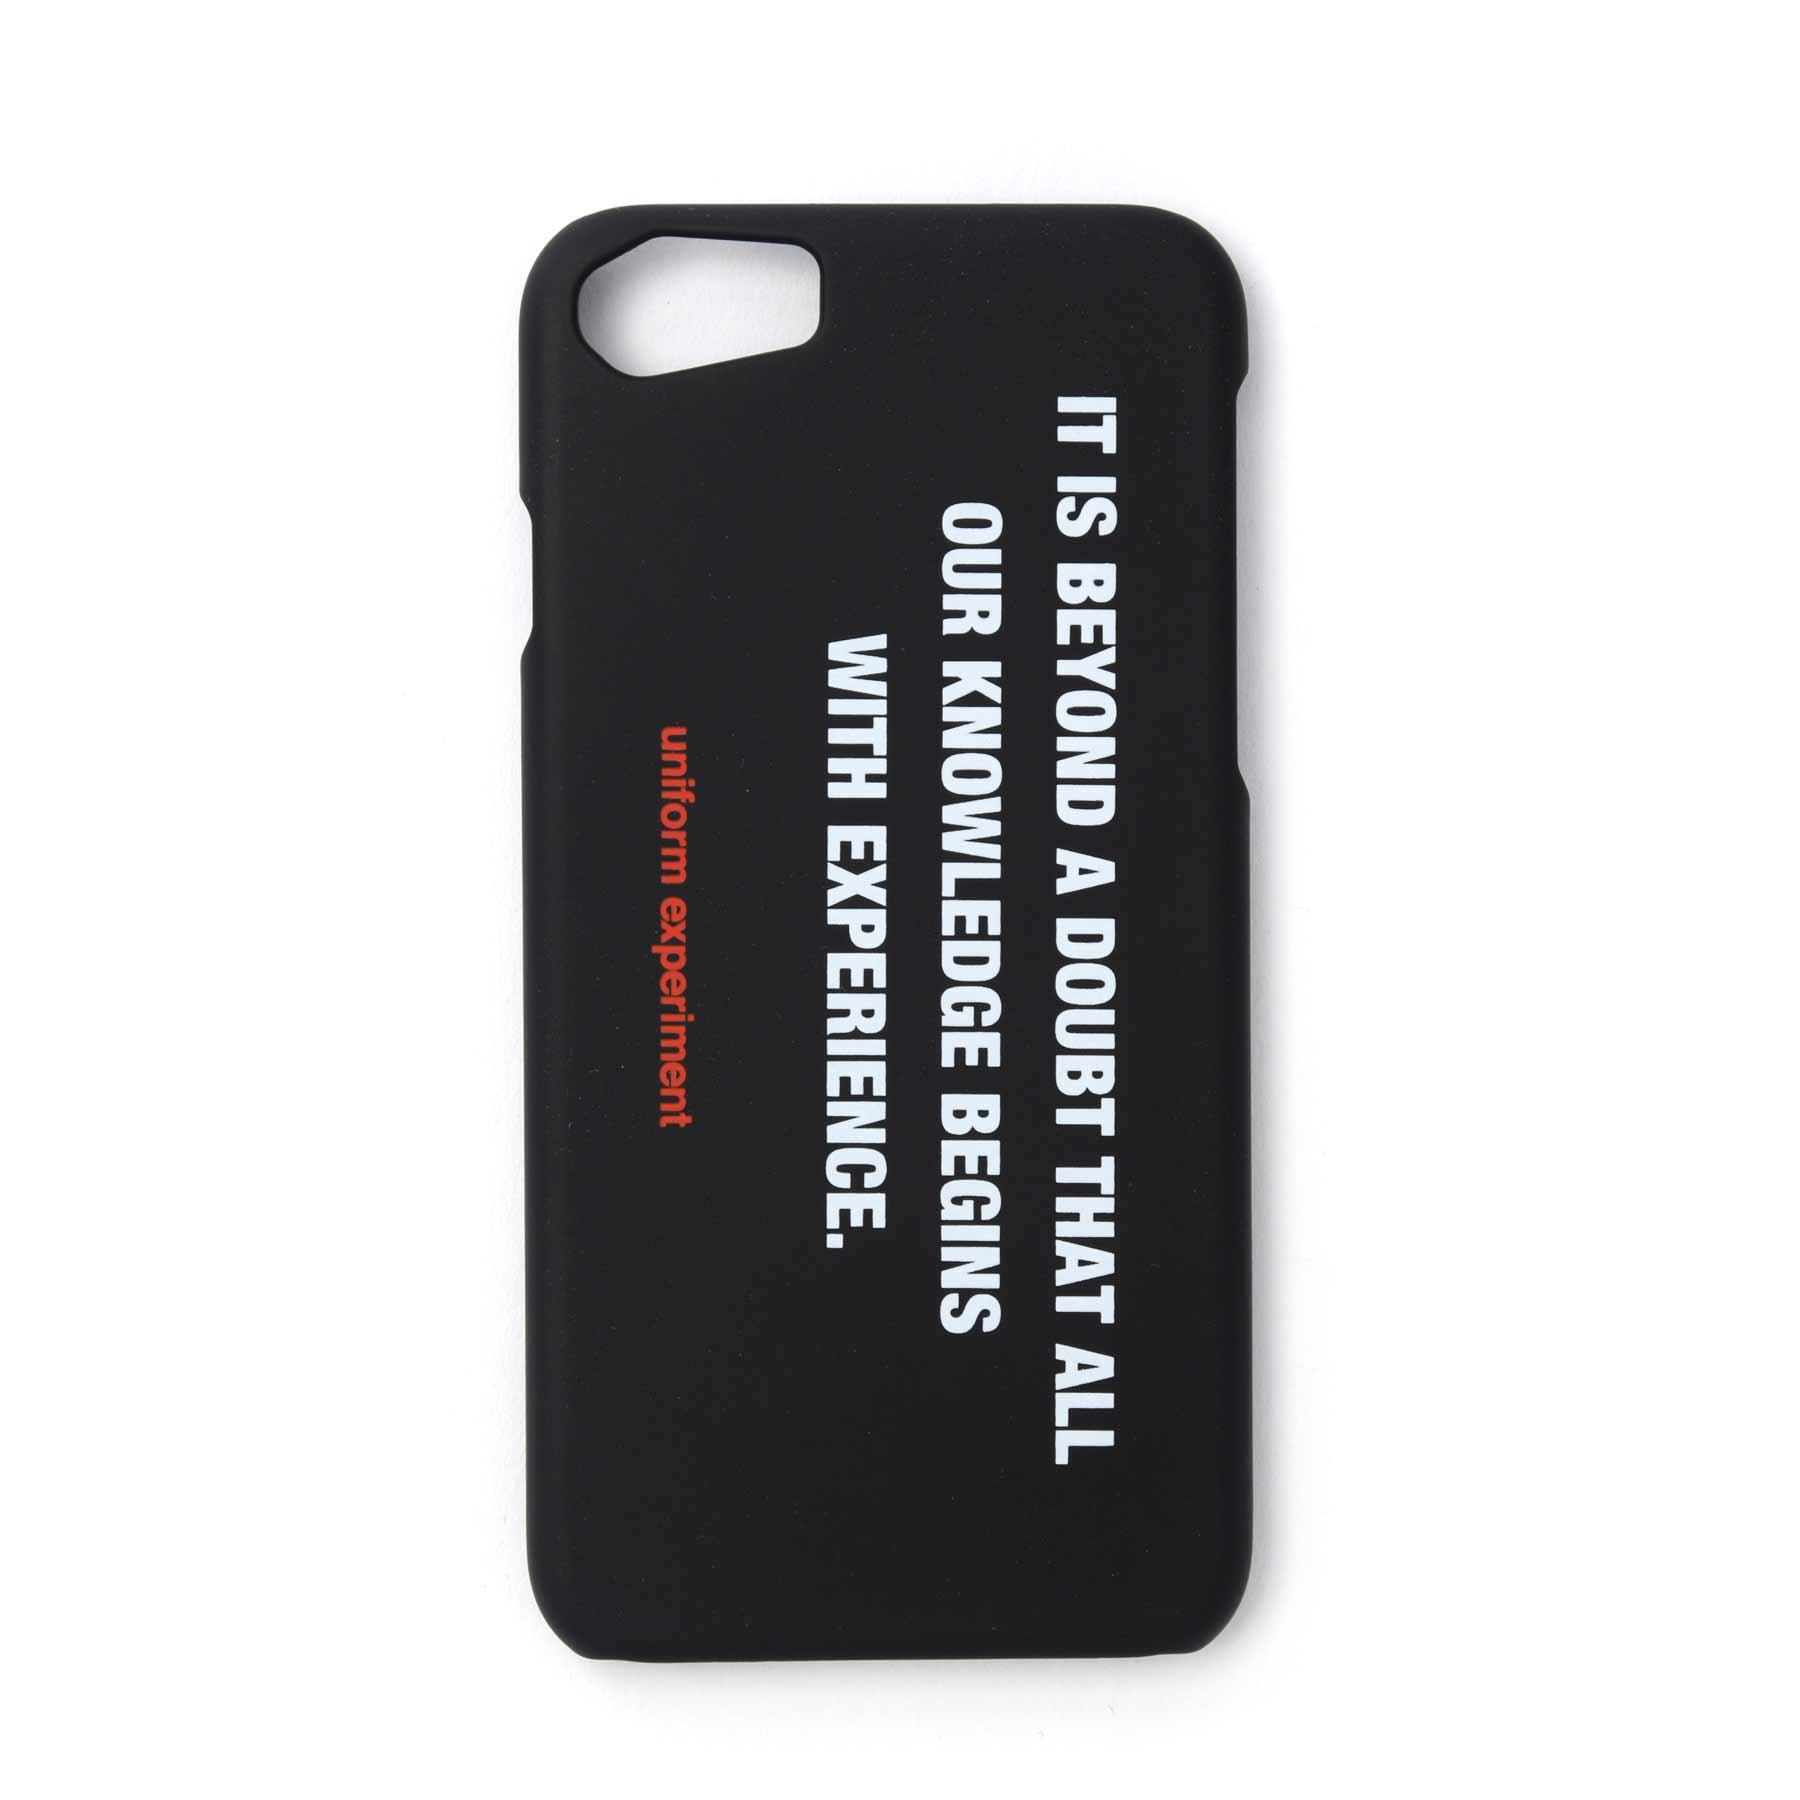 画像3: uniform experiment / PHILOSOPHY PHONE CASE for iPhone 6,7,8